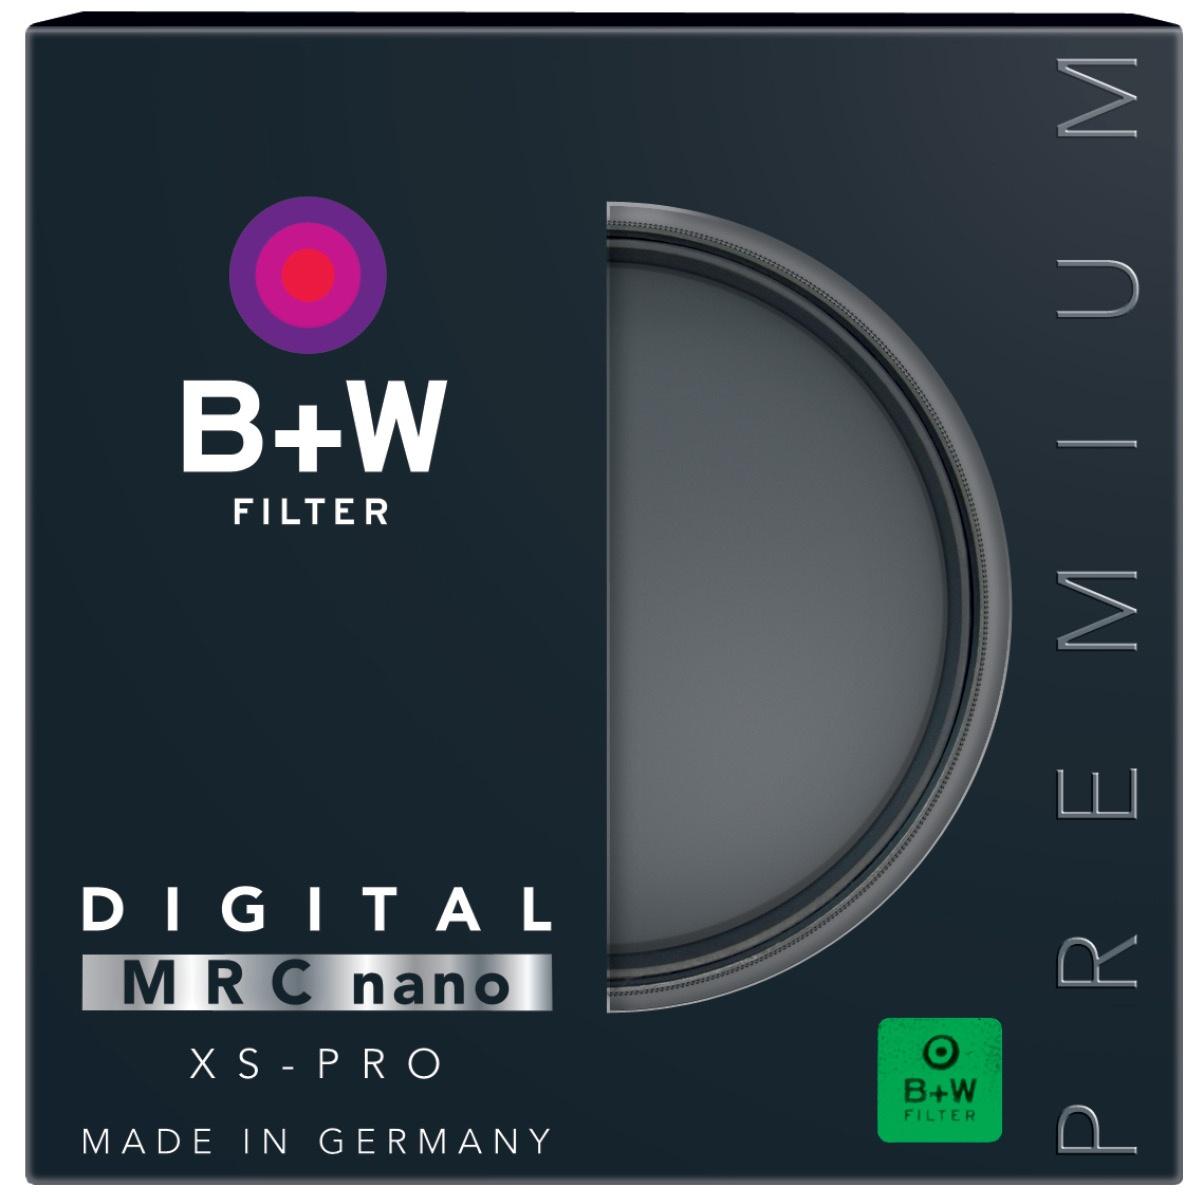 B+W UV Filter 77 mm XS-Pro